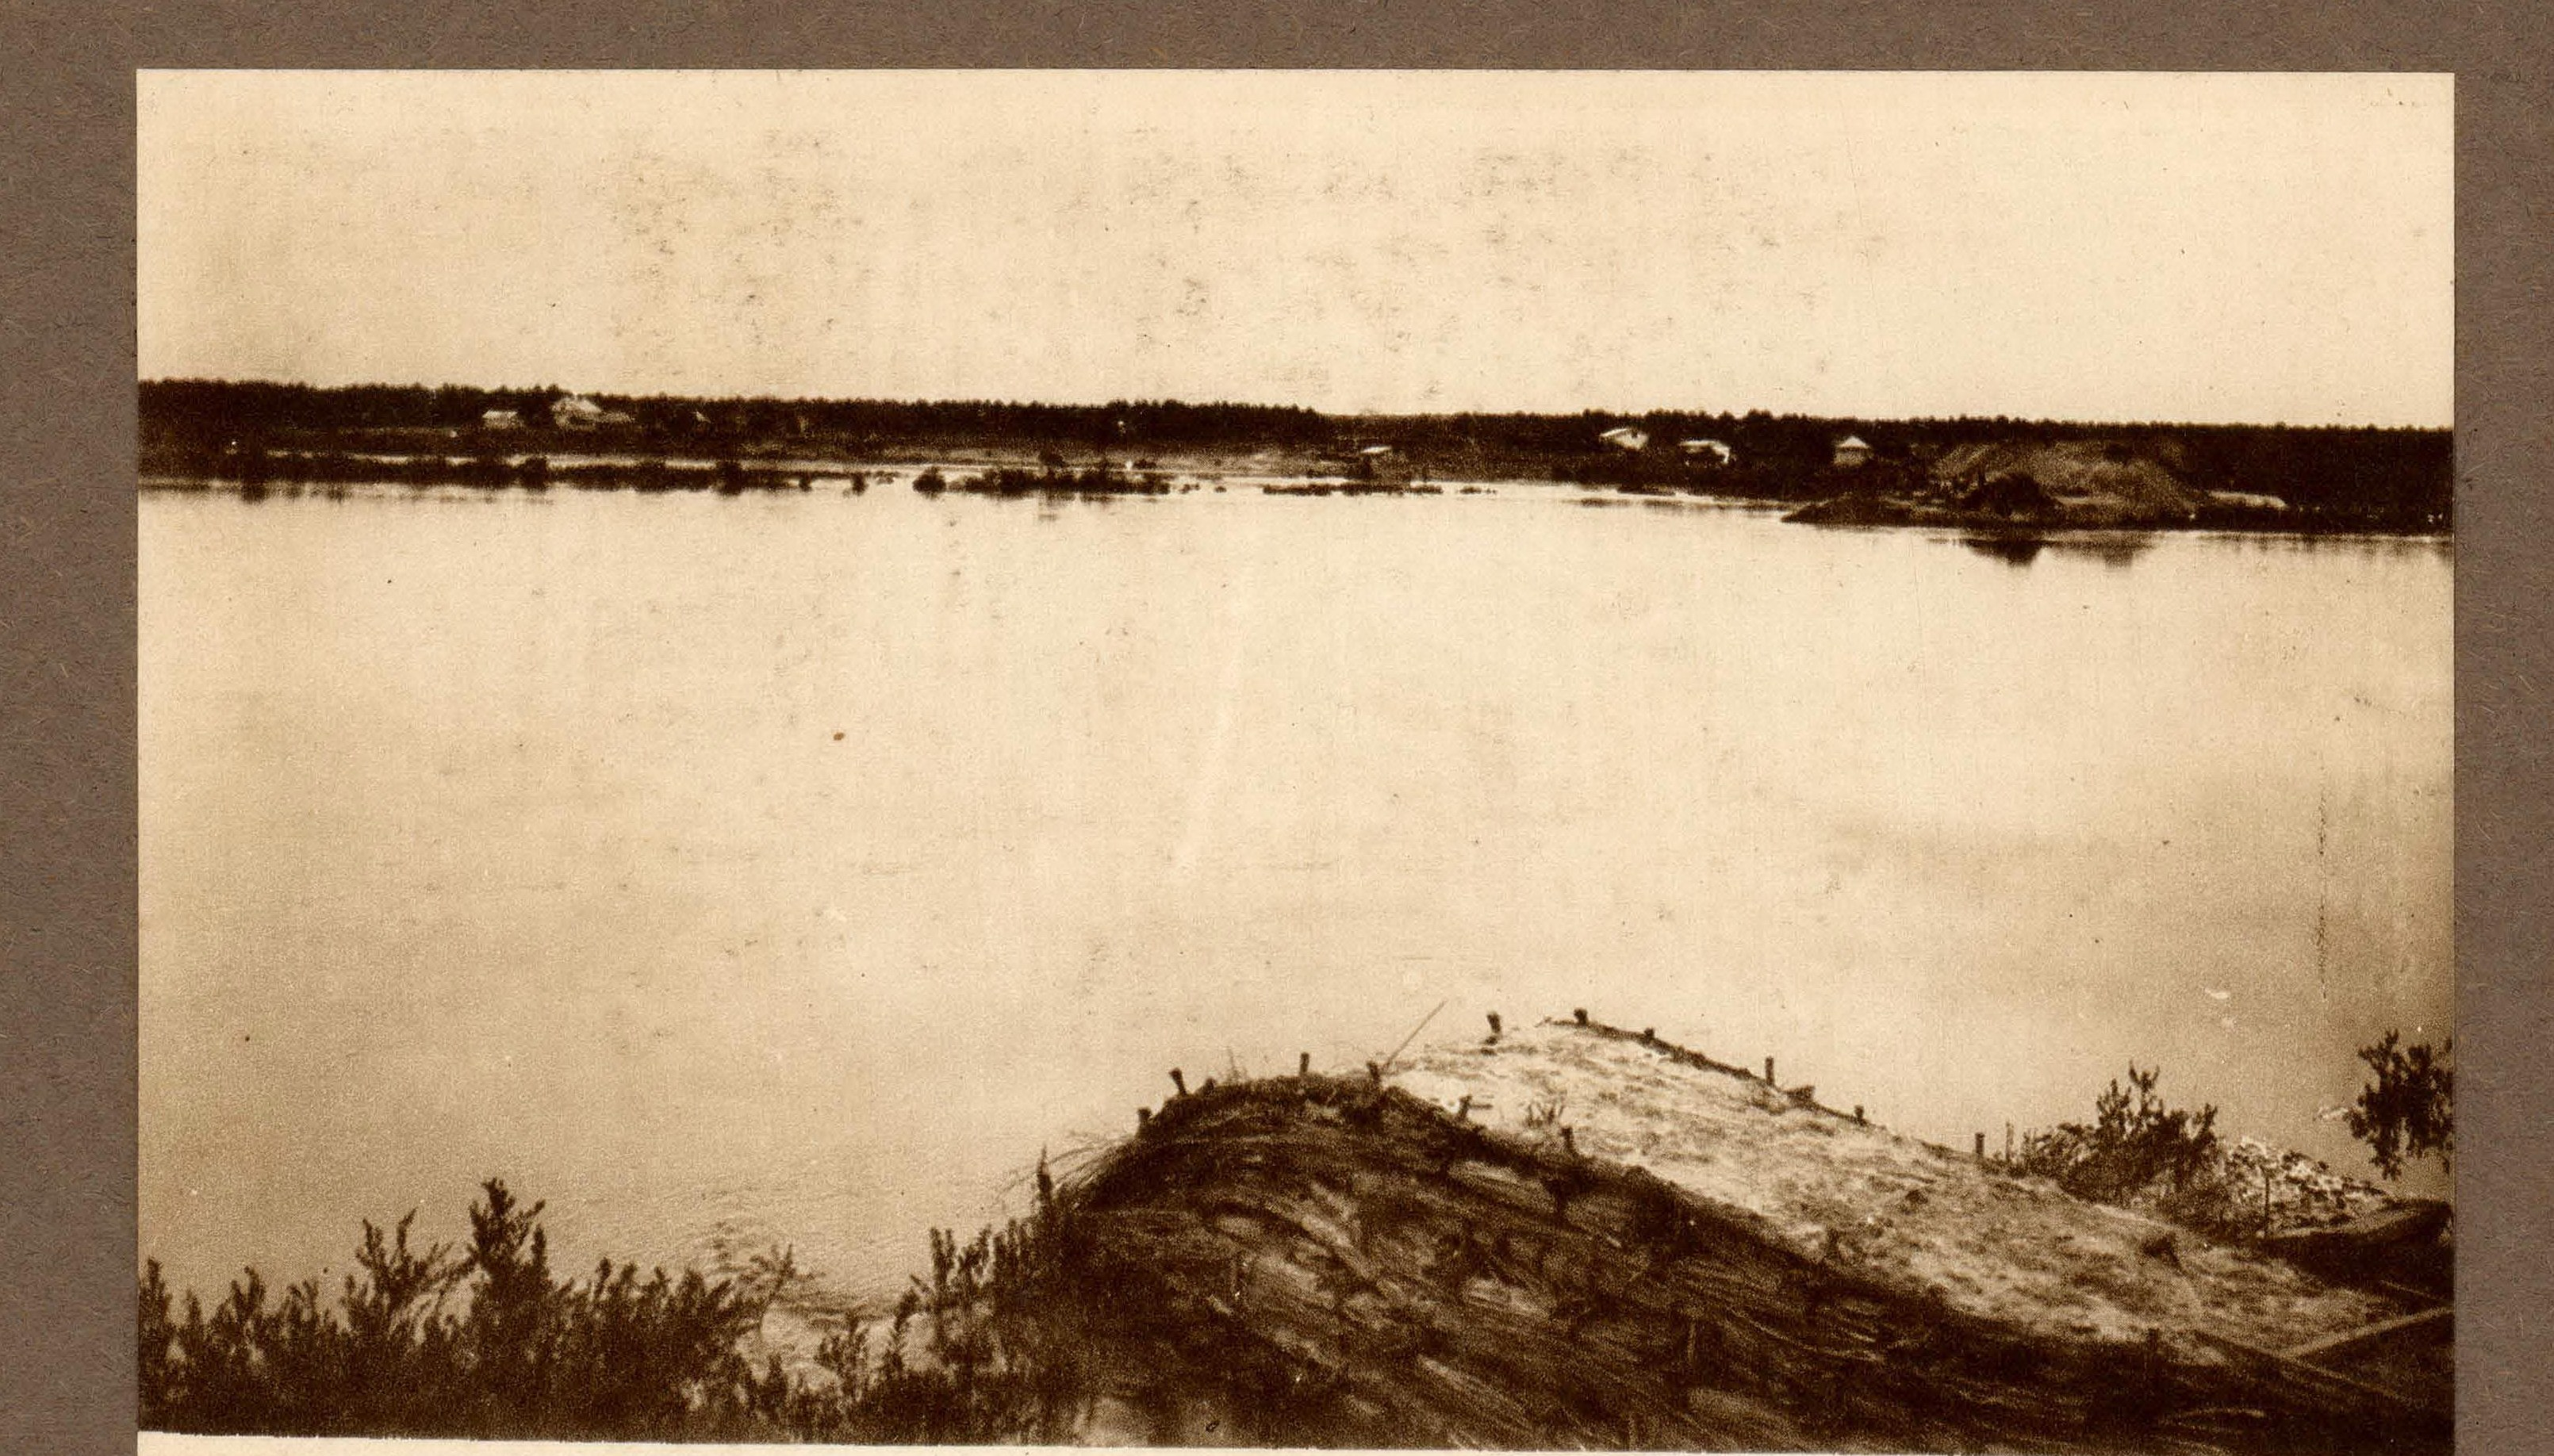 03. Река Томь, верста 478. Часть рошанных укреплений водобойными плотнами левого берега у железнодорожного моста